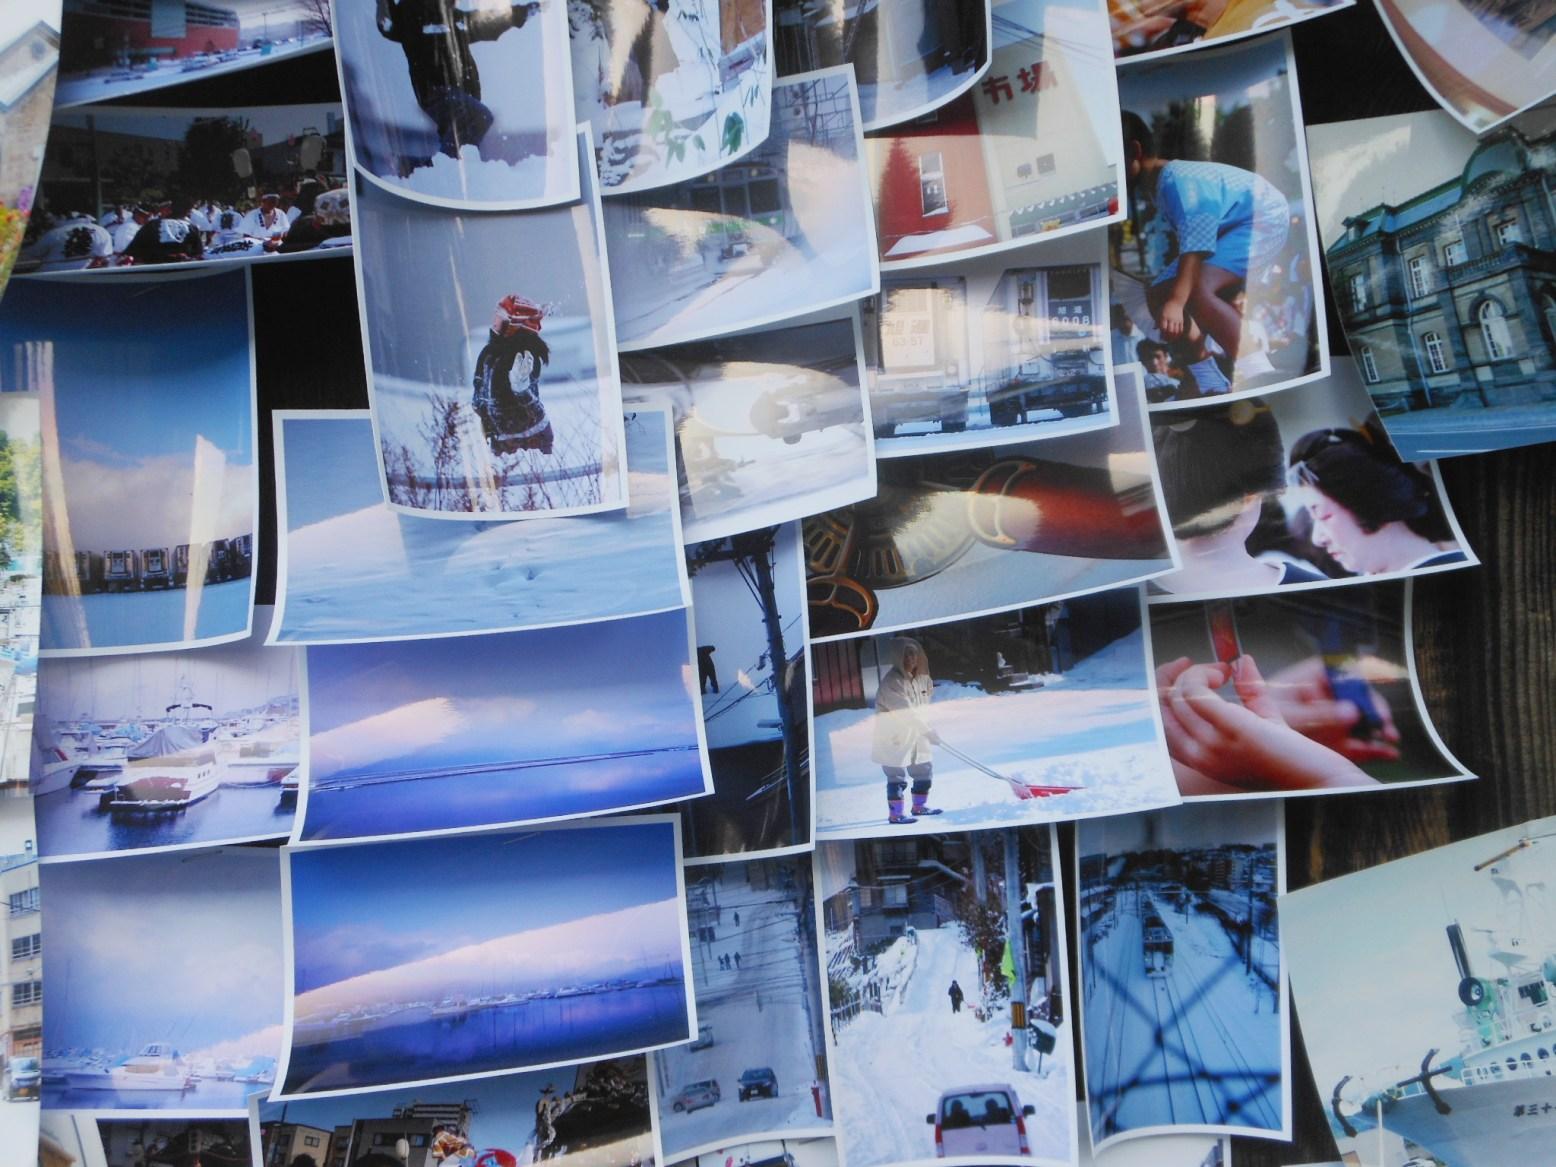 1822) 「小樽・鉄路・写真展 13th 2012」 小樽旧手宮線跡地 8月27日(月)~9月9日(日)_f0126829_9151731.jpg